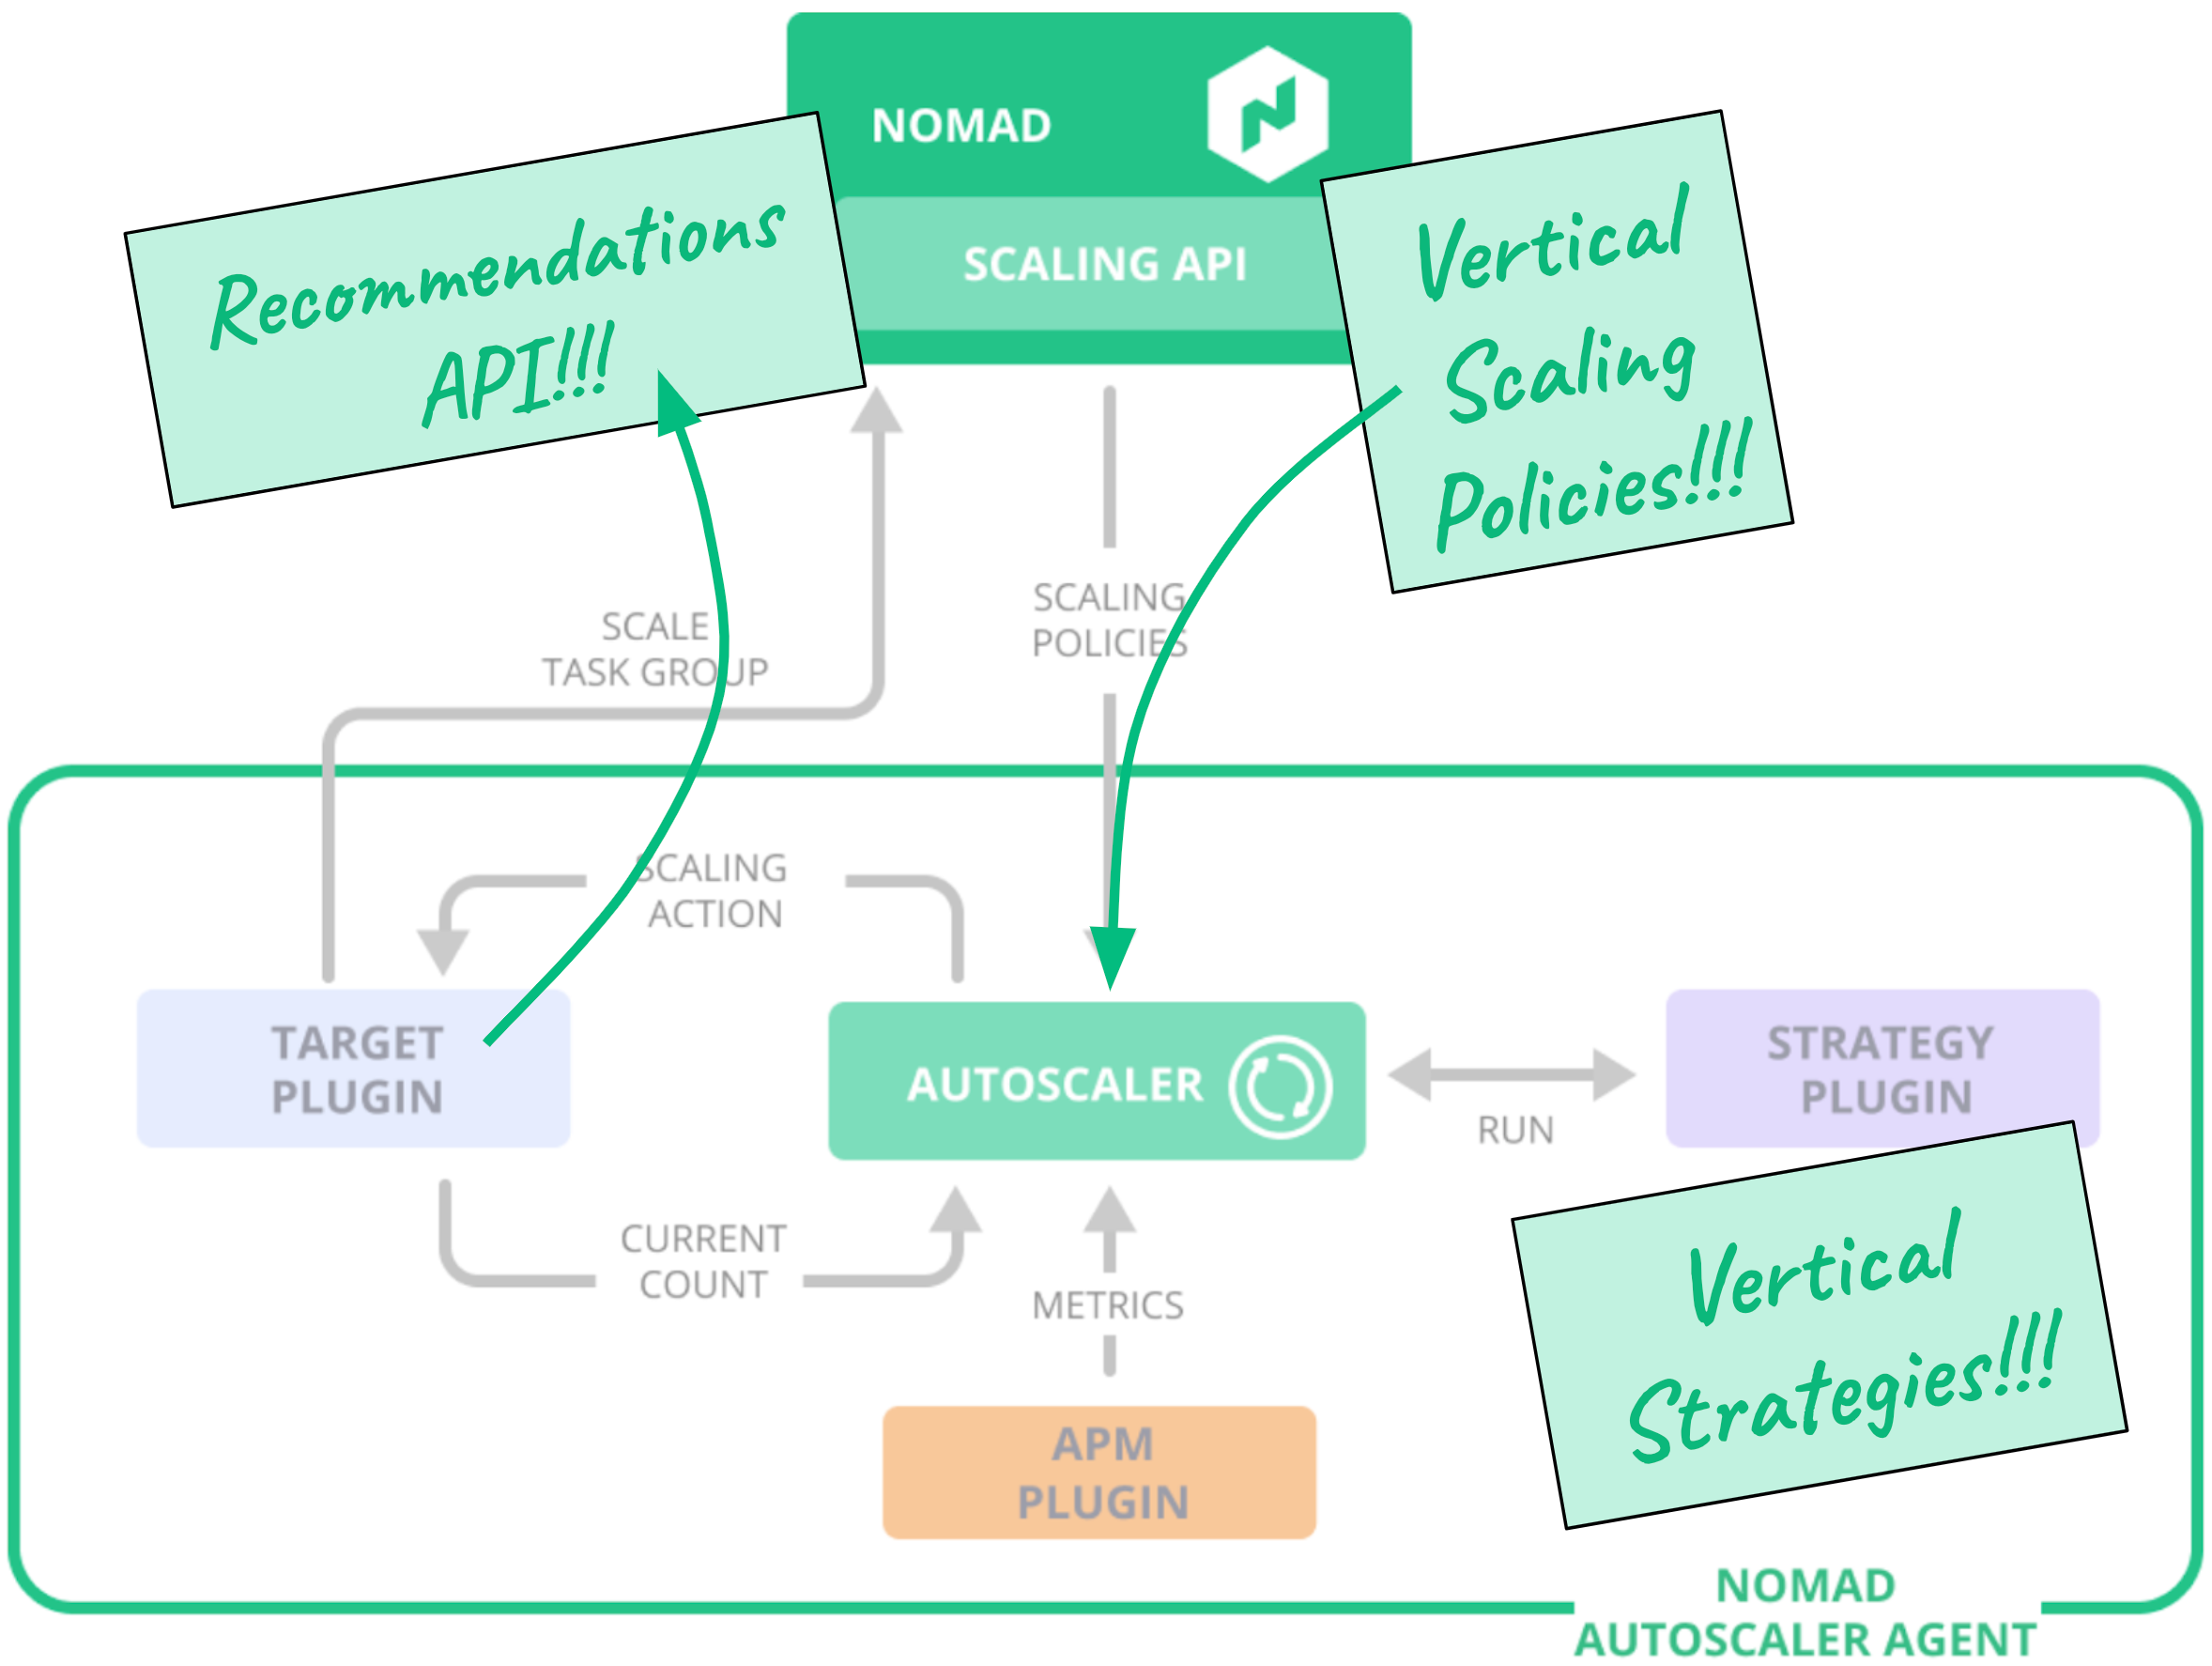 Nomad autoscaler agent diagram